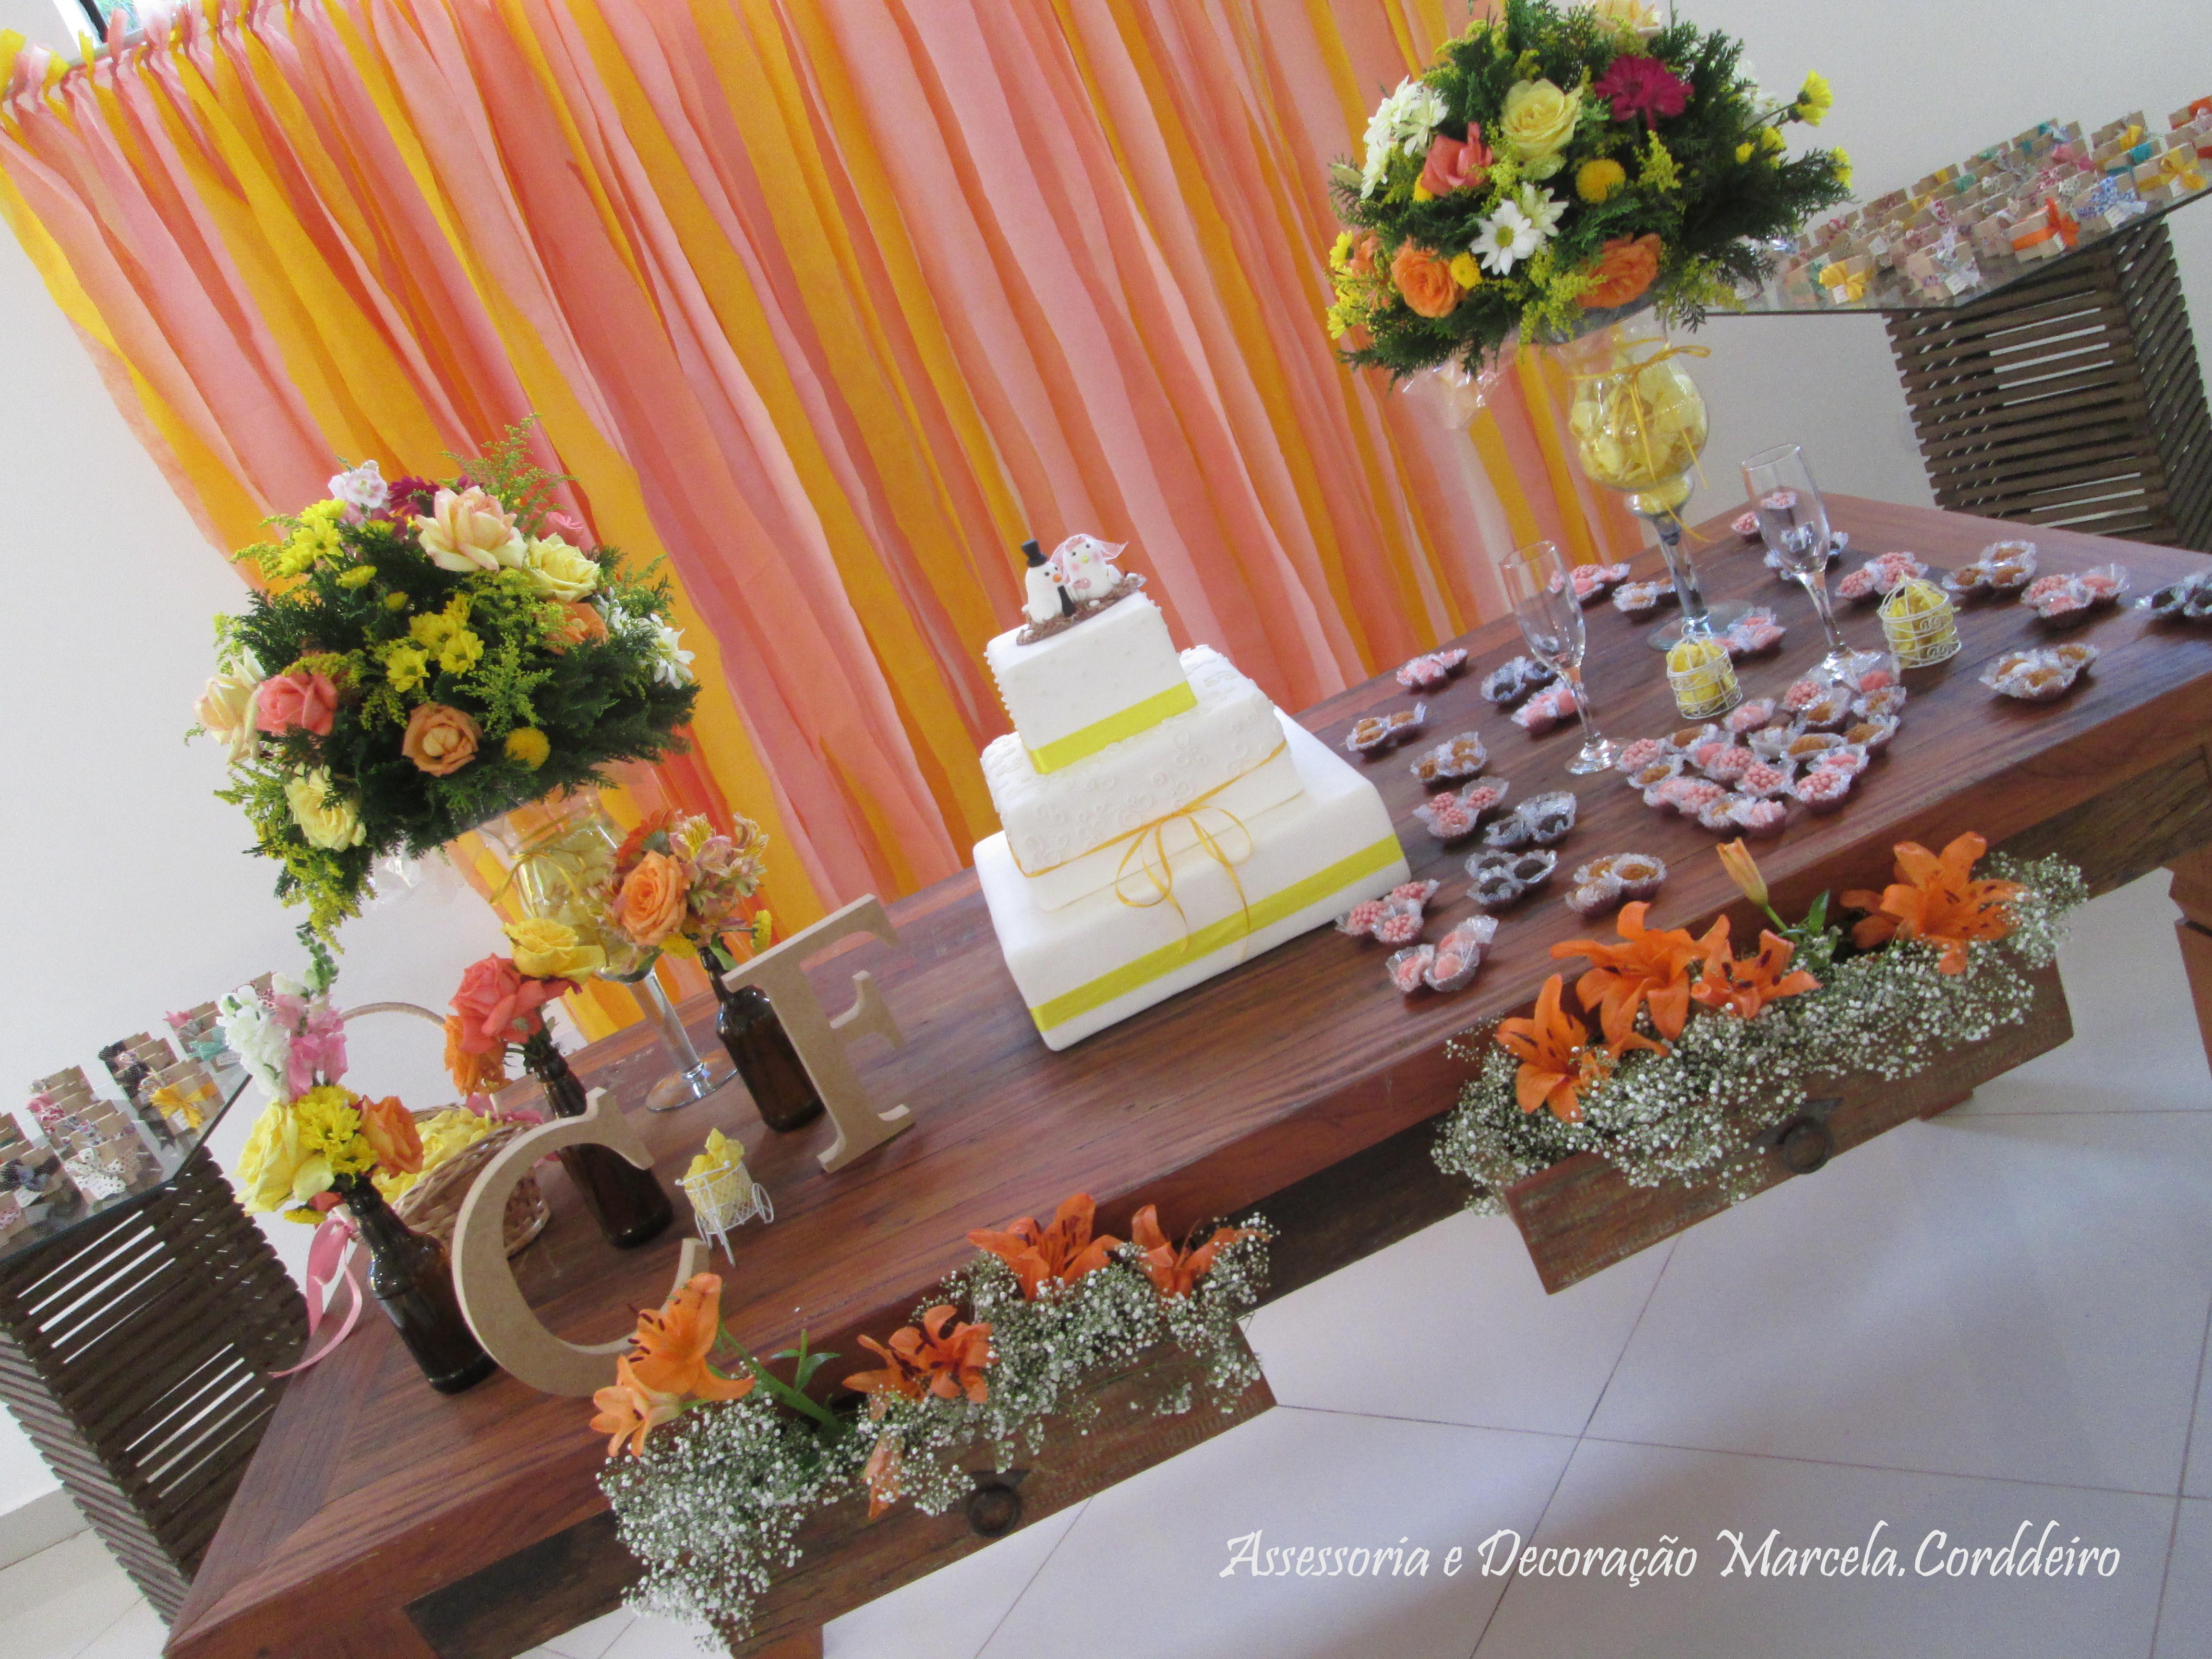 decoracao para casamento em sitio:decoracao de casamento em sitio lembrancinhas decoracao de casamento